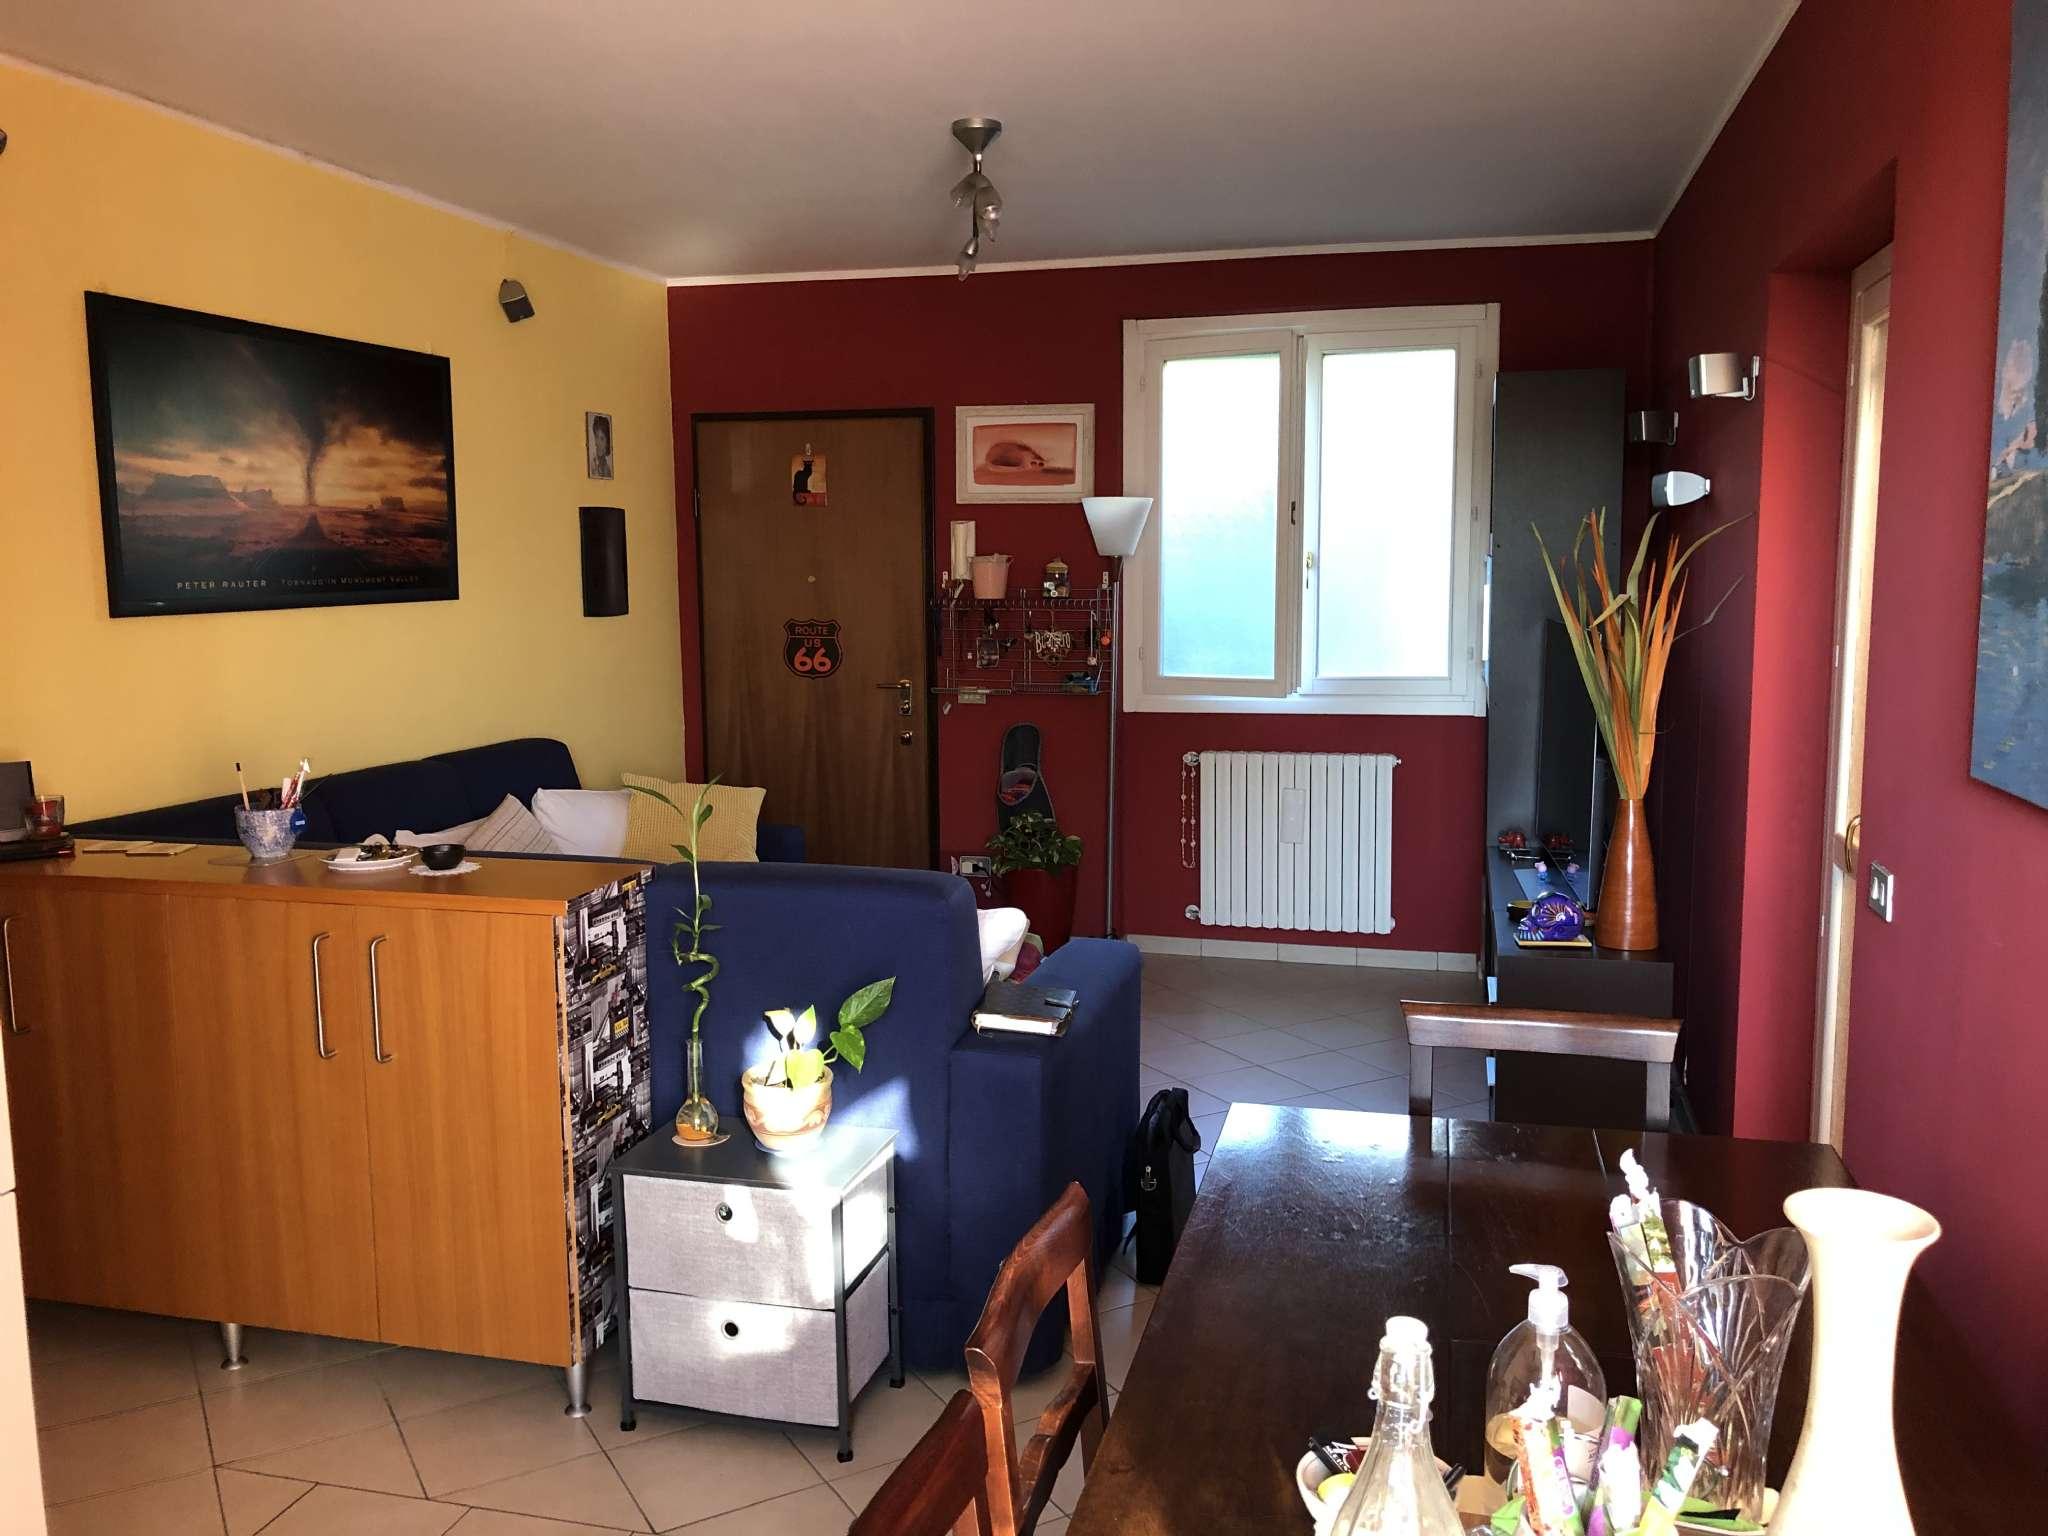 Villa Bifamiliare in vendita a Gavirate, 4 locali, prezzo € 198.000   CambioCasa.it